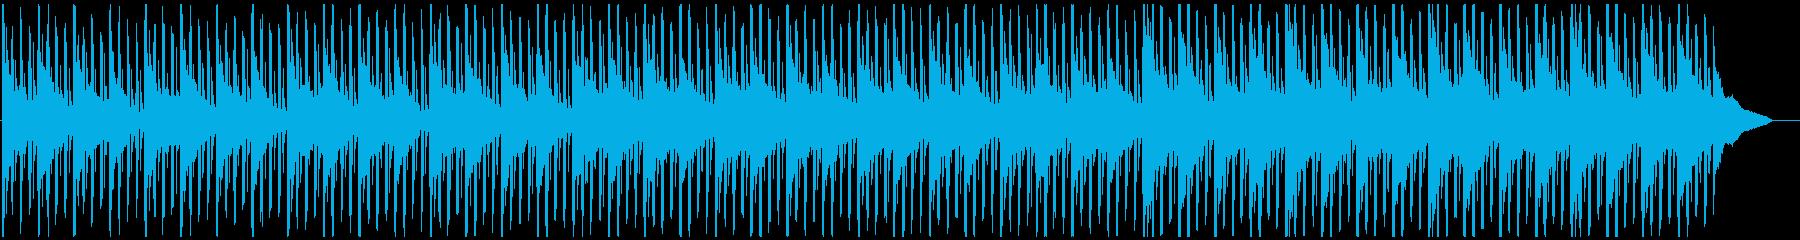 企業VP用!流行のクリーン&モダン楽曲Mの再生済みの波形